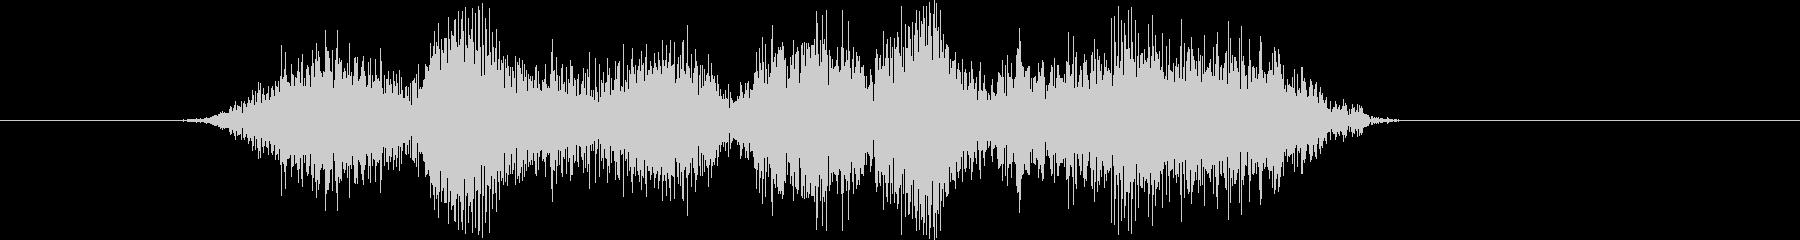 「シハシハ」の未再生の波形